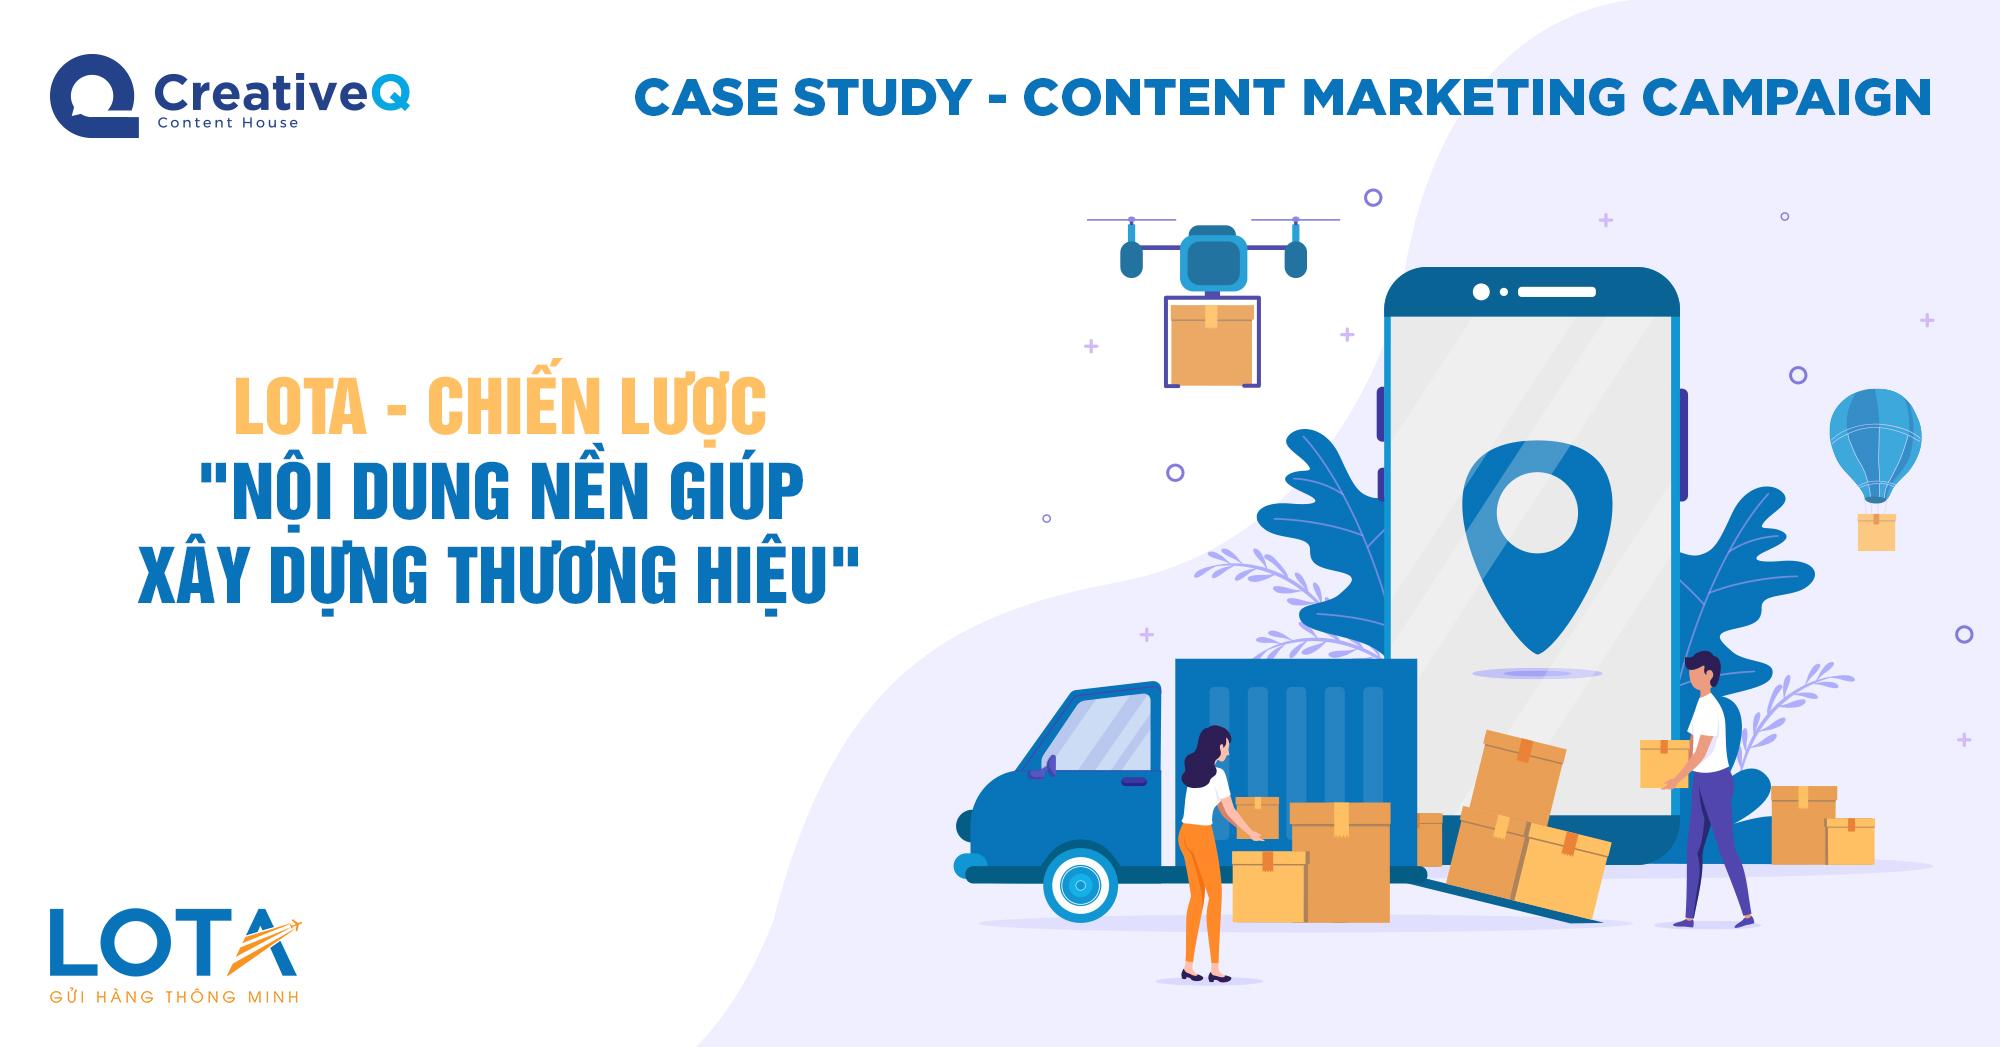 """Lota - Chiến lược """"nội dung nền giúp xây dựng thương hiệu"""""""